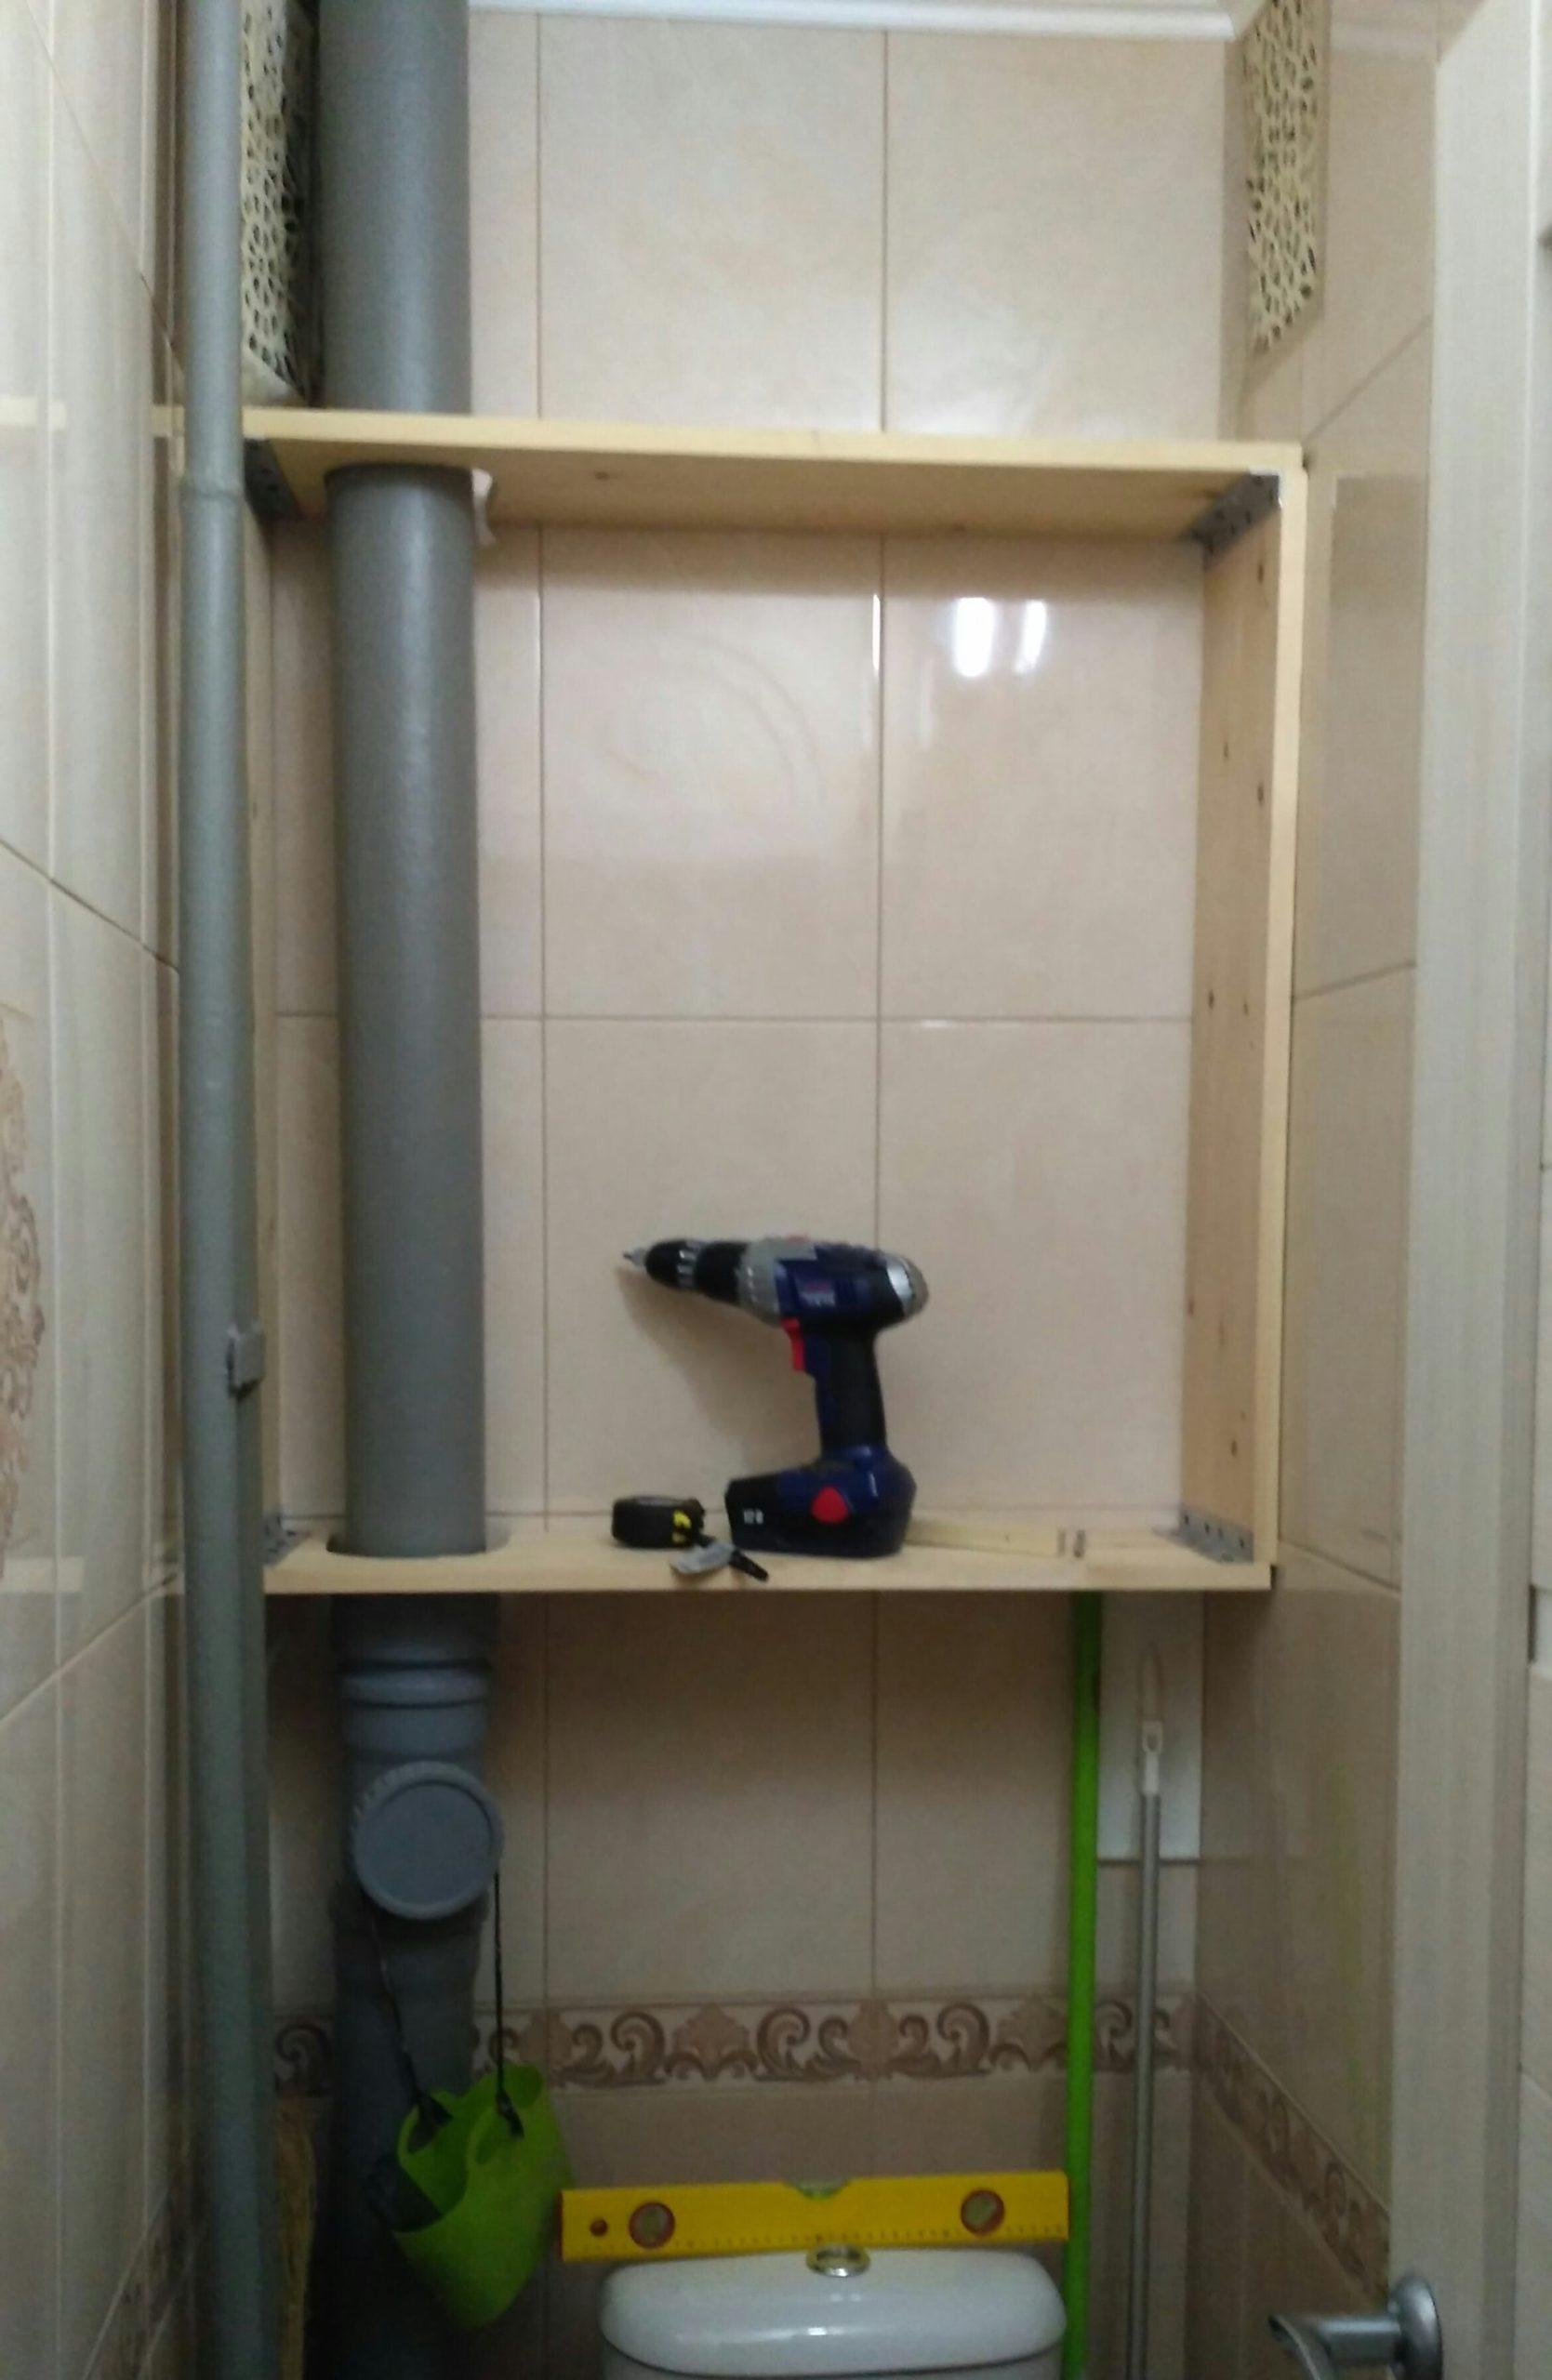 процесс установки шкафа в туалет